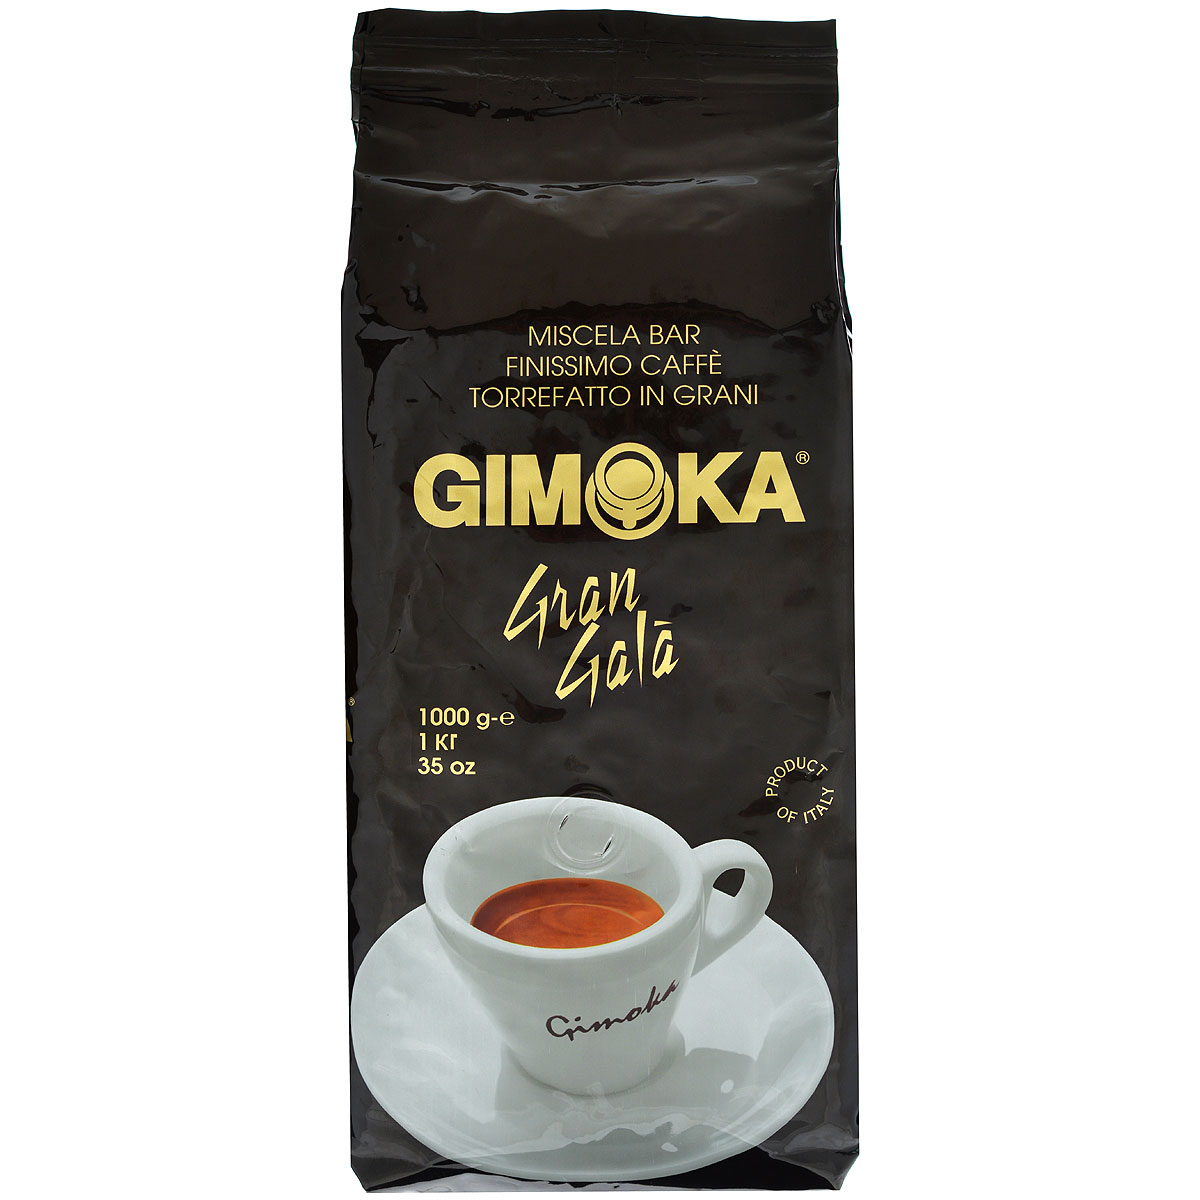 Gimoka Nero Gran Gala кофе в зернах, 1 кг0120710Натуральный жареный кофе в зернах Gimoka Nero Gran Gala. Деликатная кофейная смесь Арабики для самых взыскательных гурманов. Обладает мягким ароматом и нежным бархатным вкусом. Состав смеси: 90% арабика, 10% робуста.